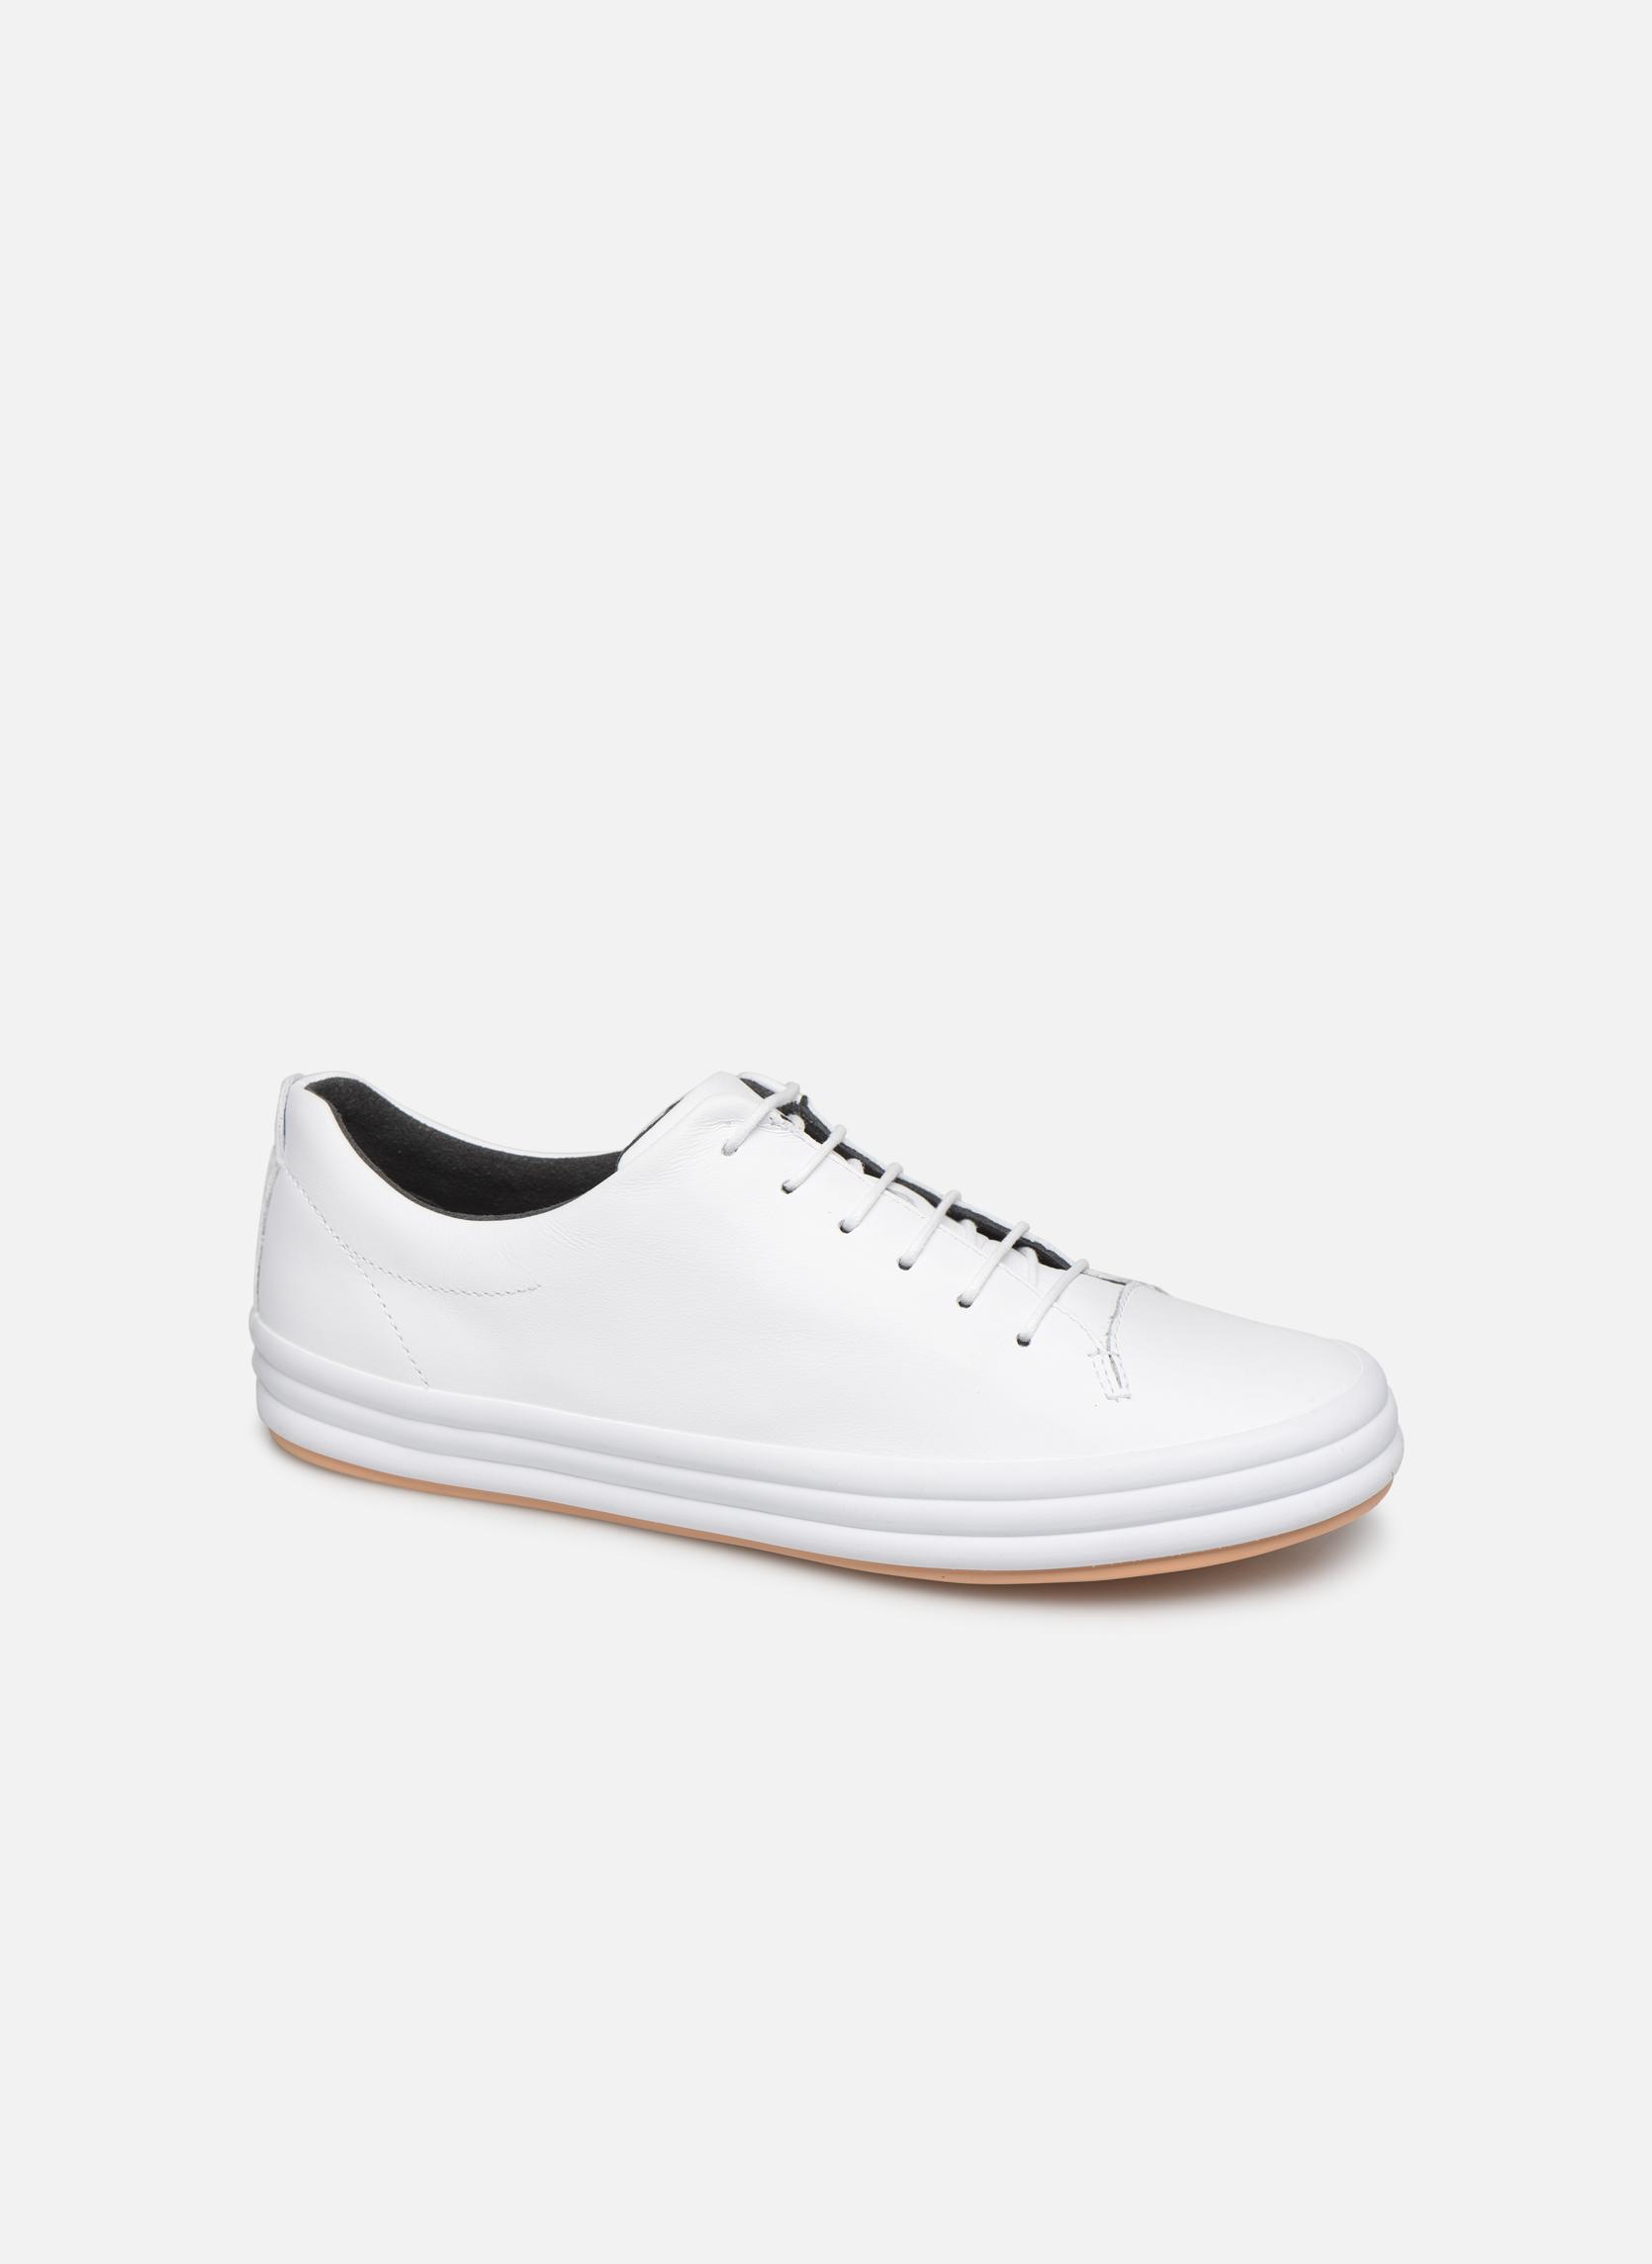 ZapatosCamper Hoops K200298 (Blanco) Gran - Deportivas   Gran (Blanco) descuento f98574